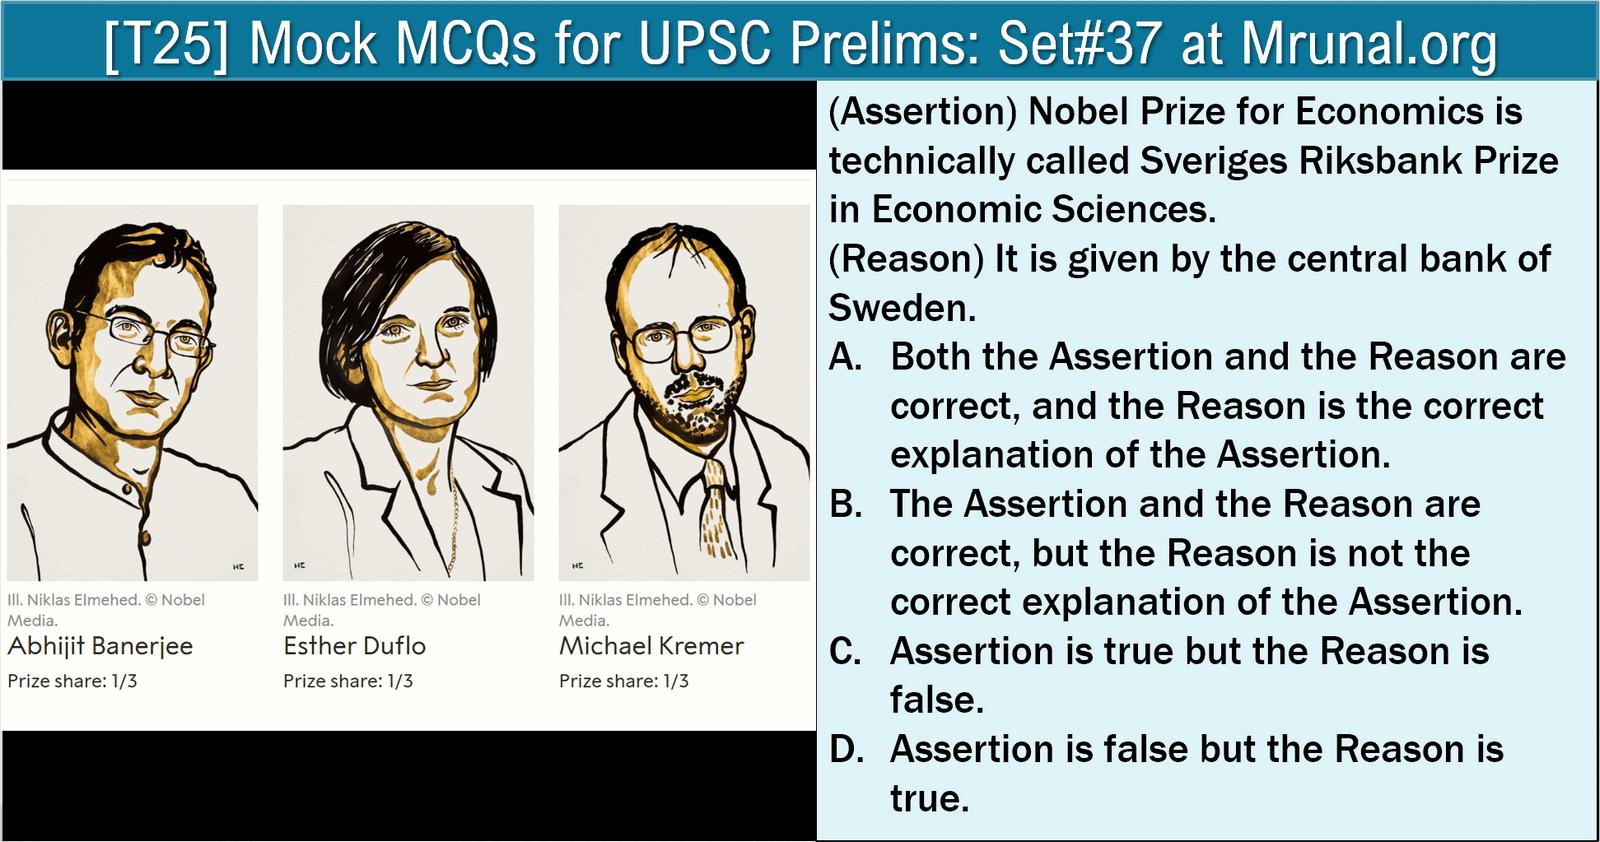 Economy Questions for UPSC Prelims: Nobel in Economics